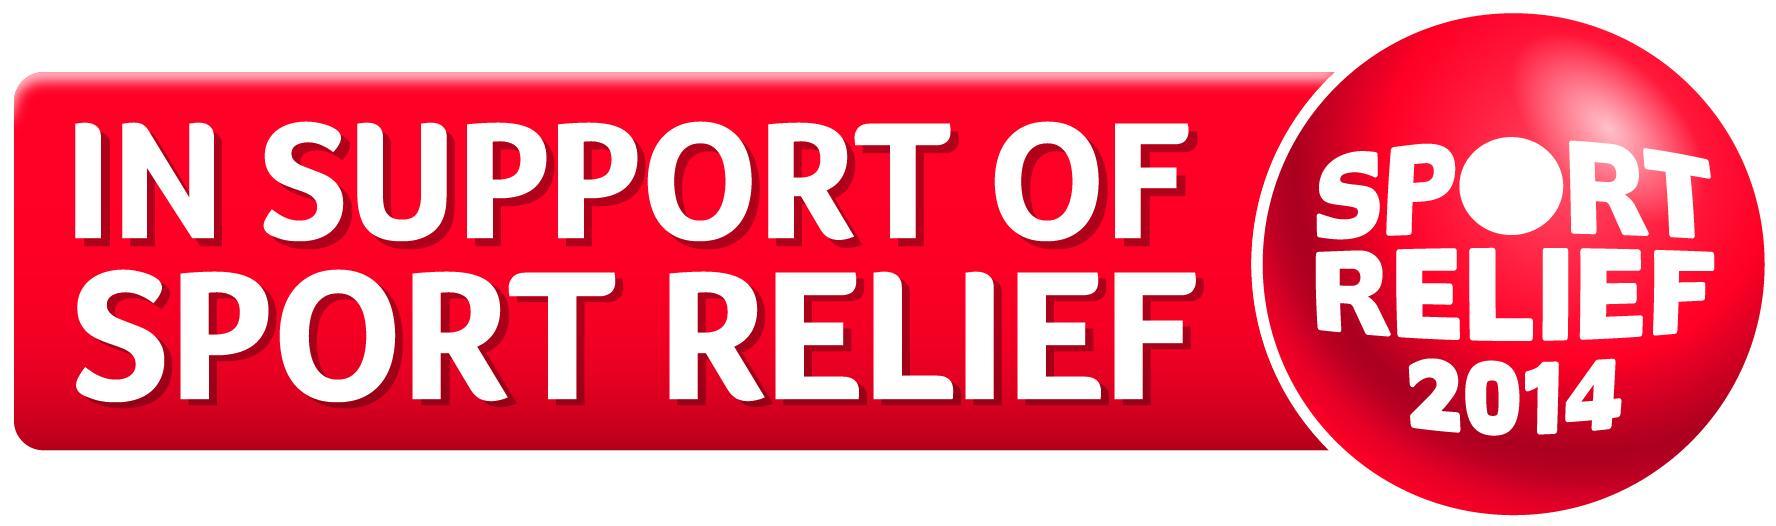 Sport relief celebrity challenges